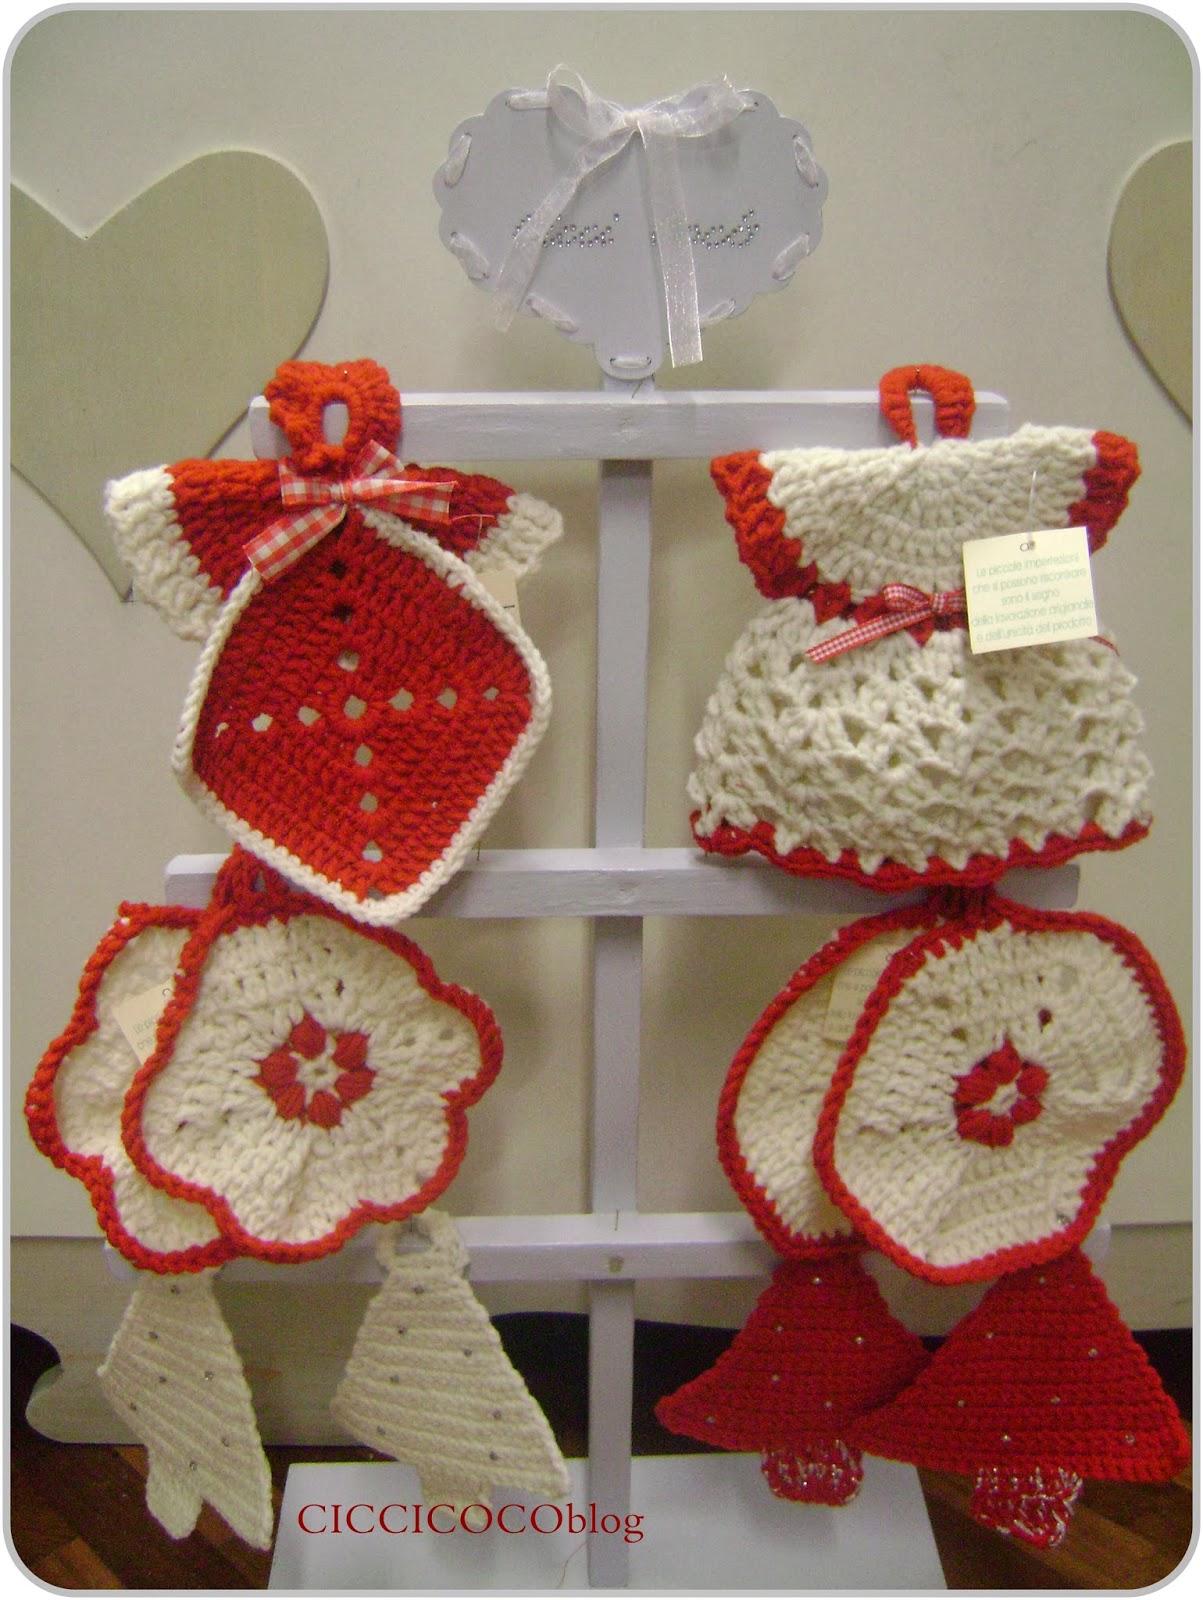 Ciccicocoblog idee regalo per natale presine uncinetto for Idee per regali di natale